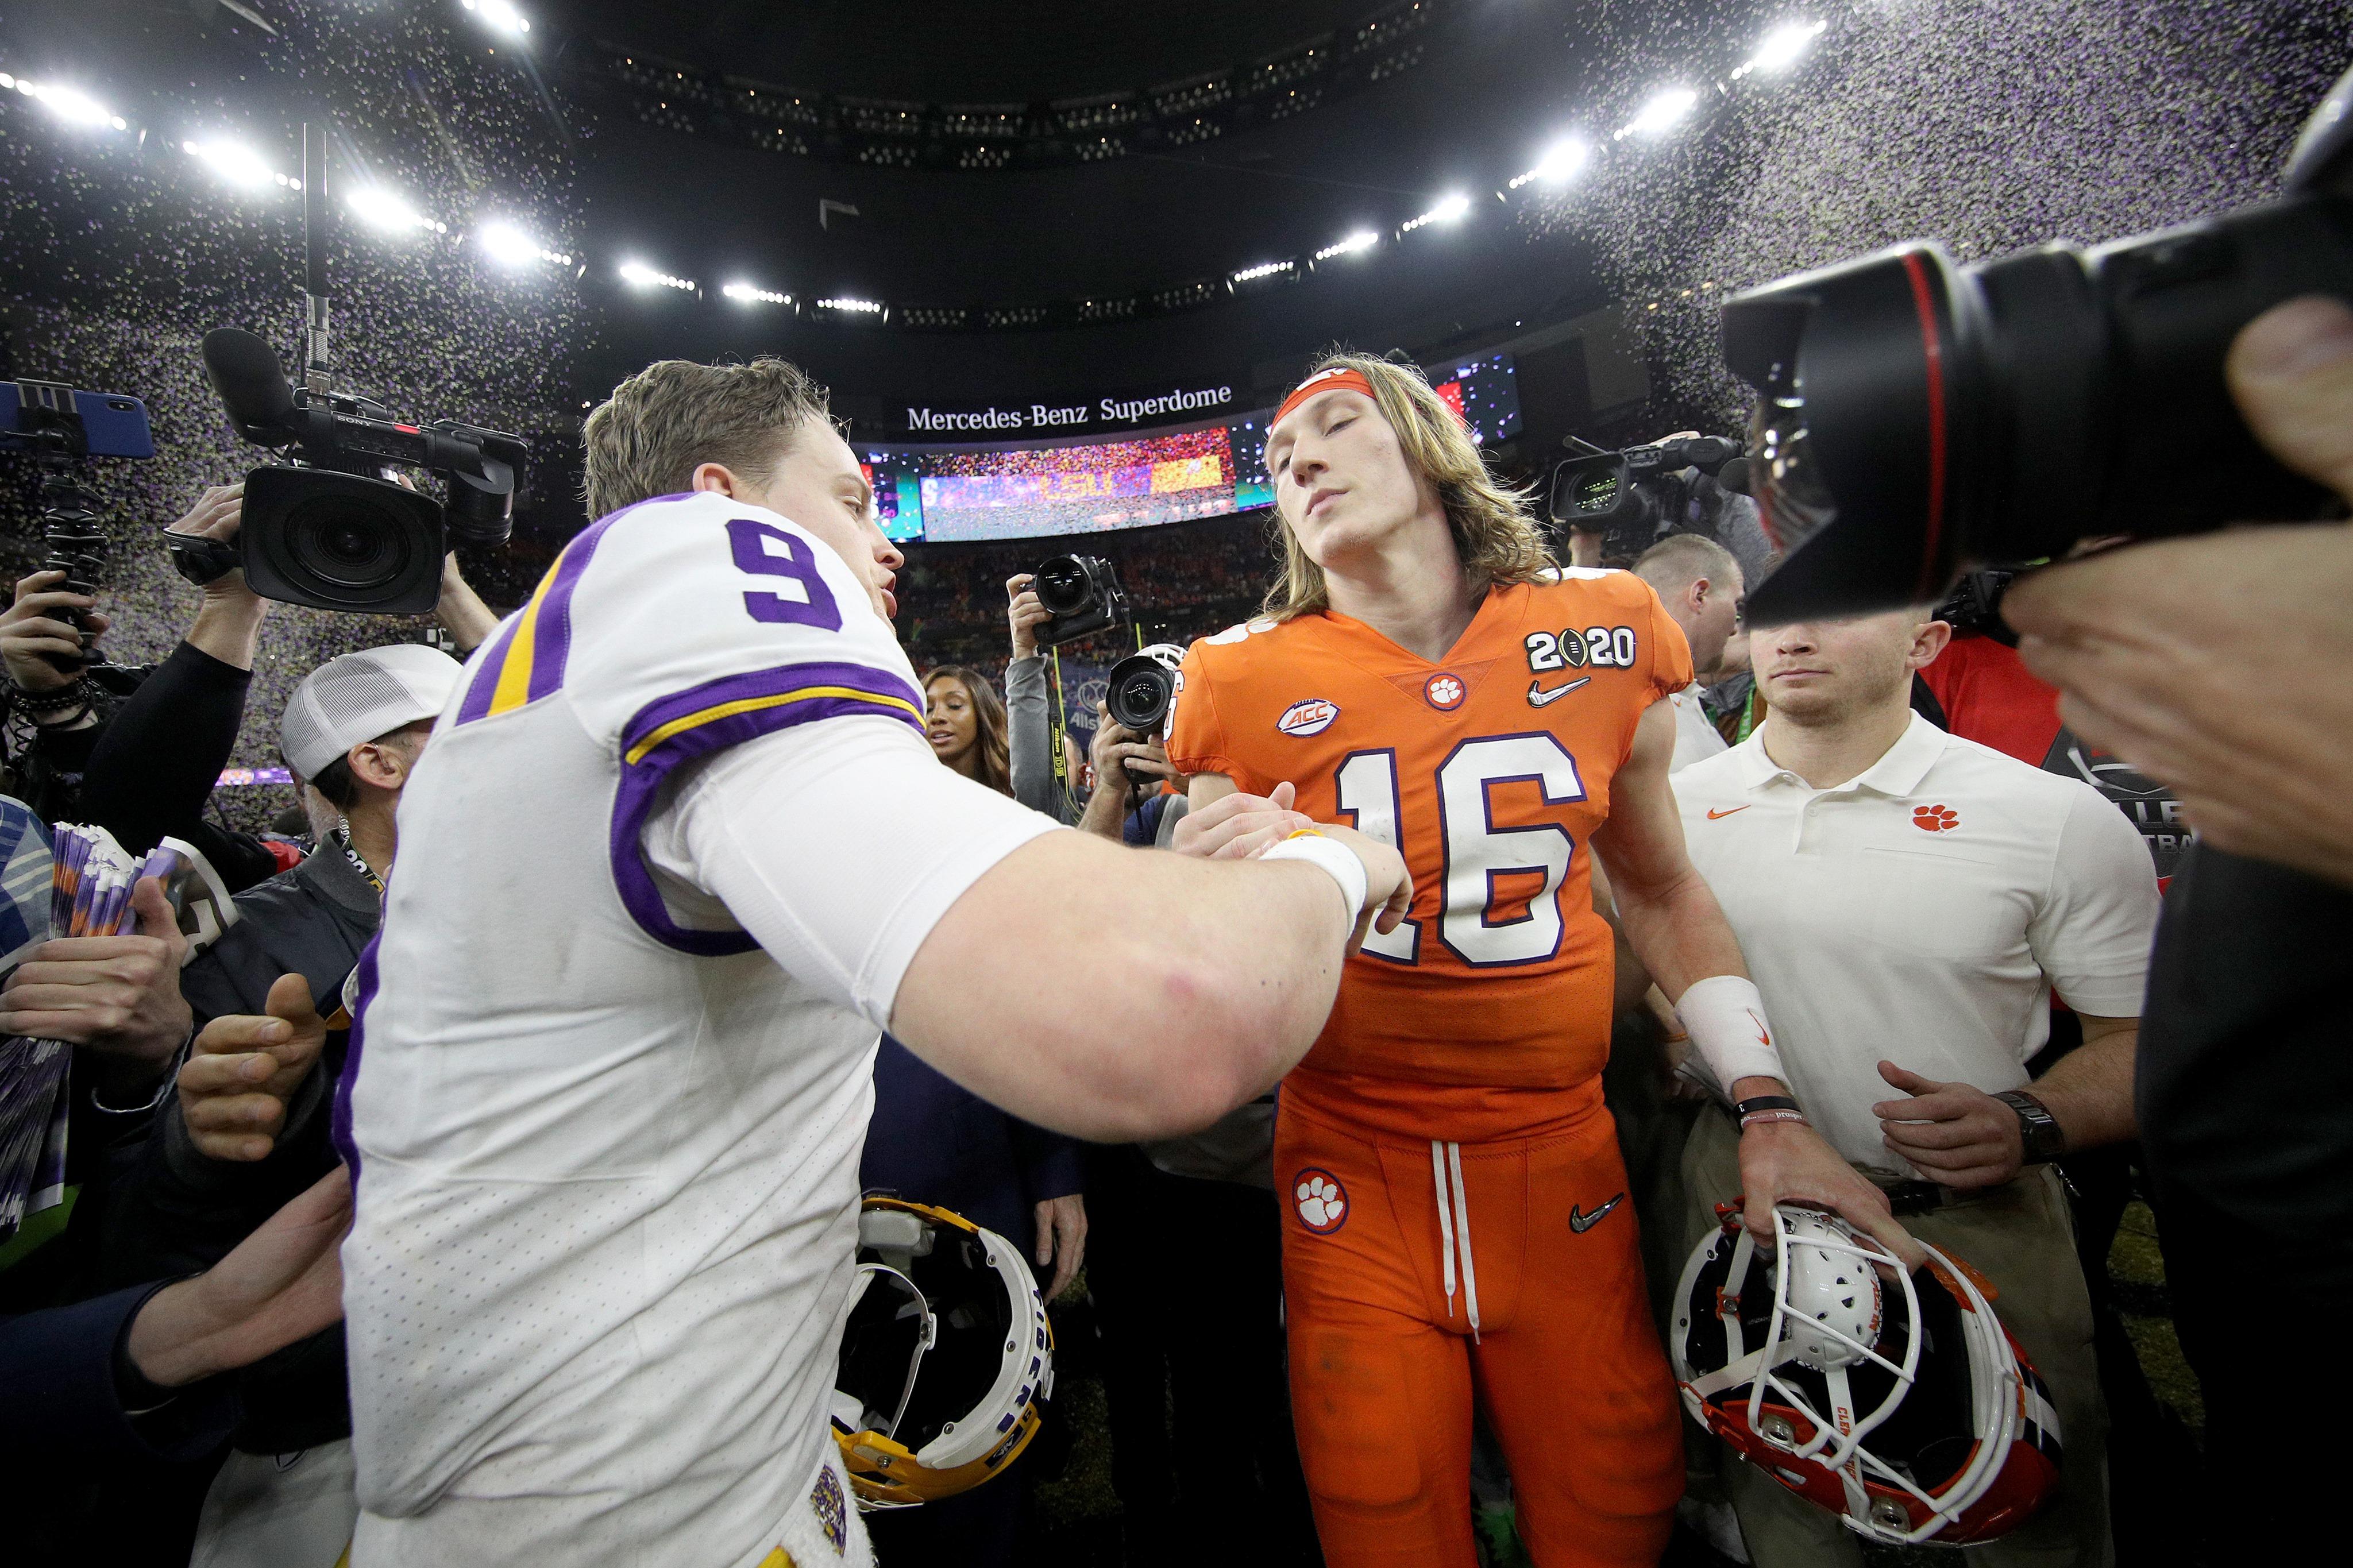 昨シーズンの全米王座決定戦で、ルイジアナ州立大のQBジョー・バロウと握手を交わすクレムソン大のQBトレーバー・ローレンス=photo by Getty Images